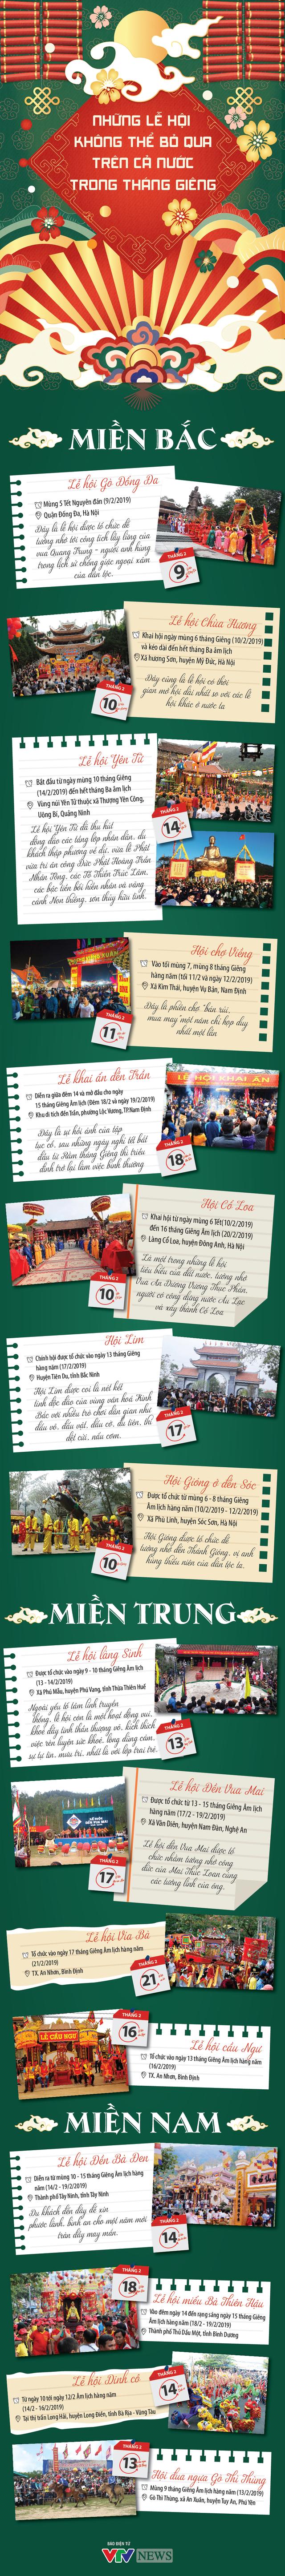 [INFOGRAPHIC] Các lễ hội không thể bỏ qua từ Bắc tới Nam dịp đầu năm mới - Ảnh 1.